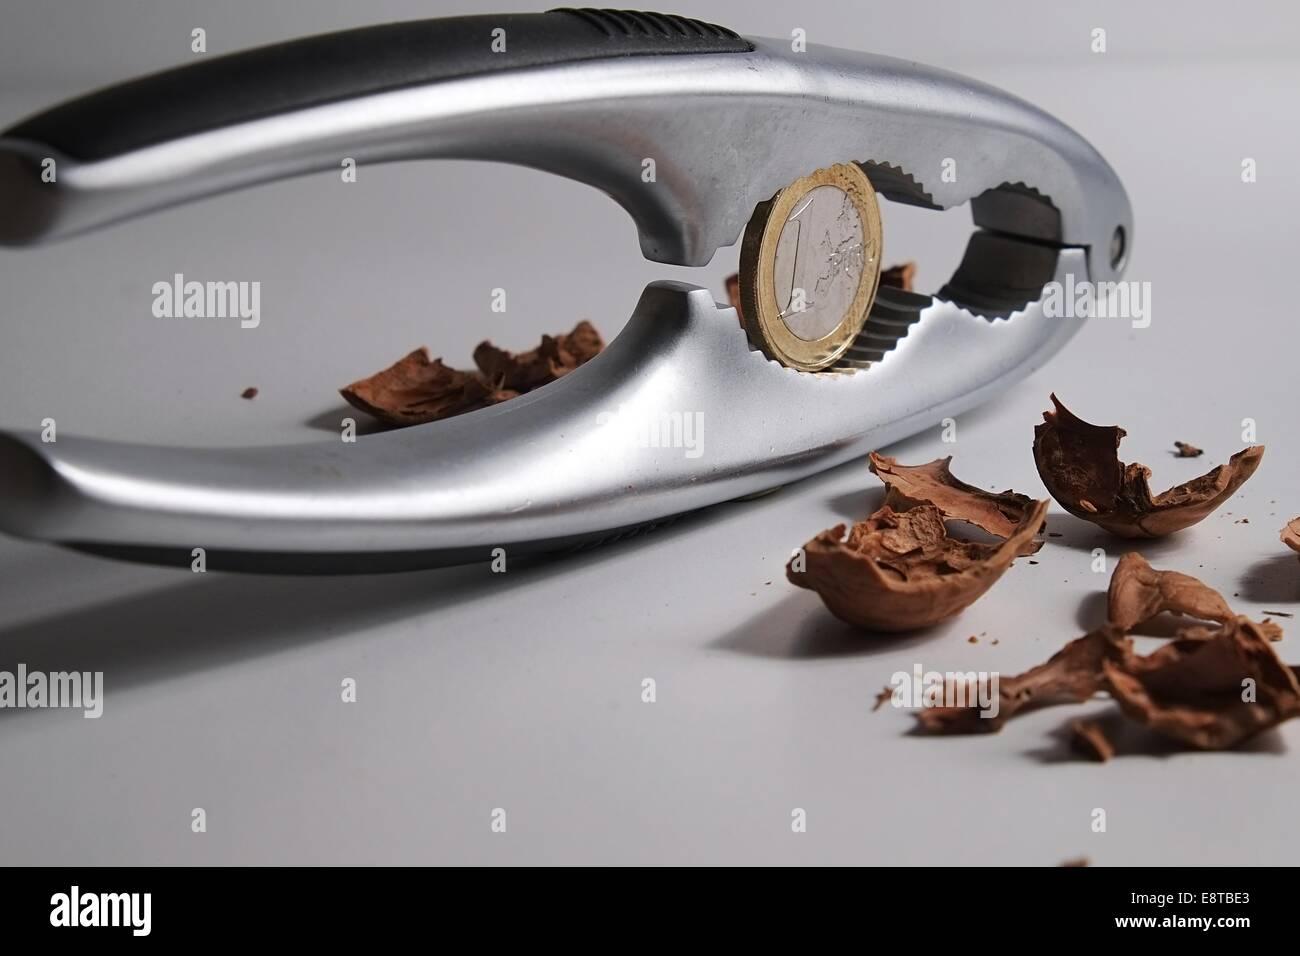 La fissuration d'un écrou avec un casse-noix pour trouver un euro à l'intérieur Photo Stock